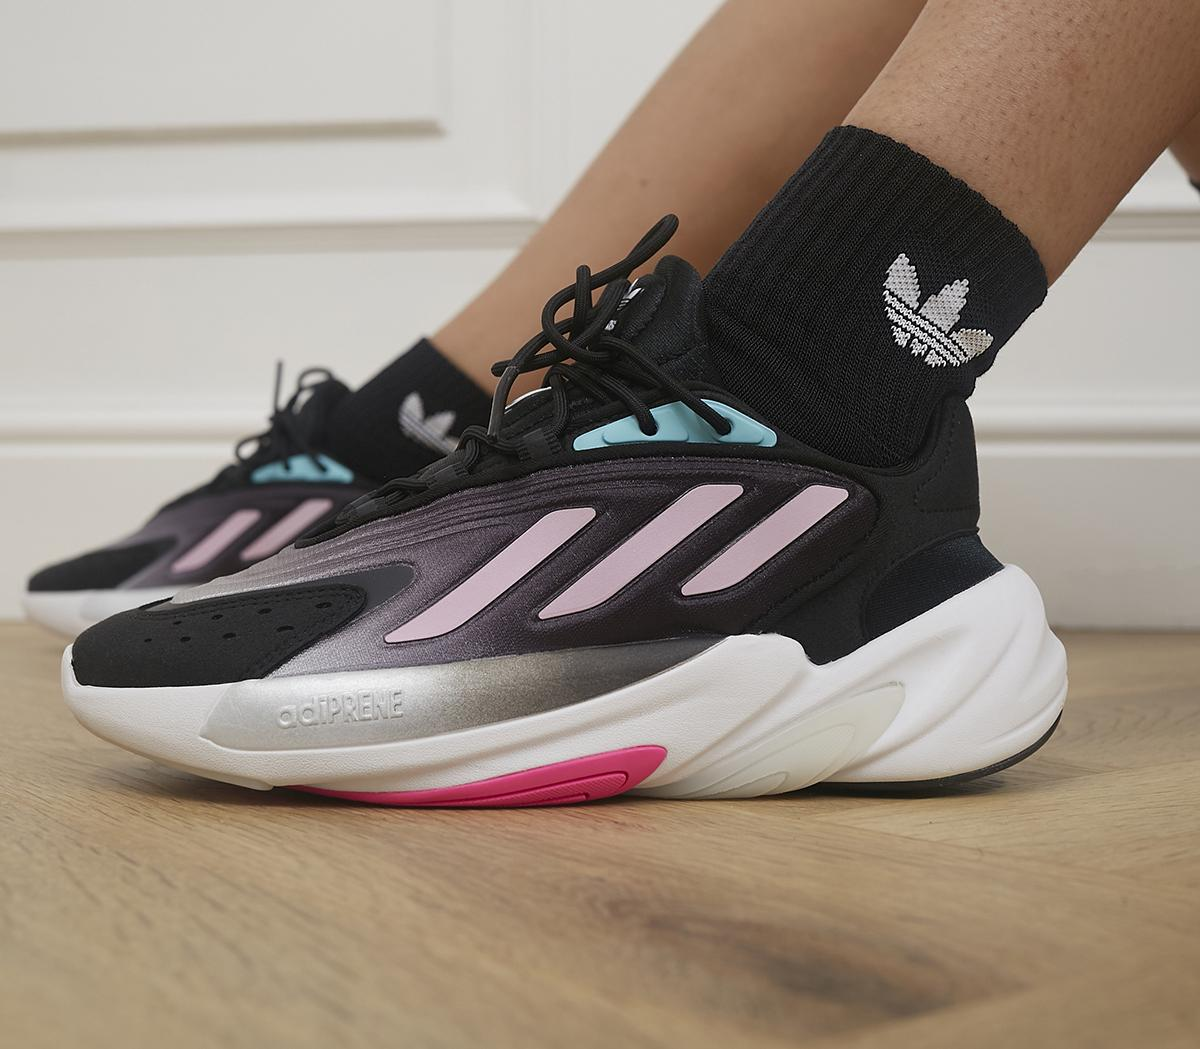 Mid Ankle Socks